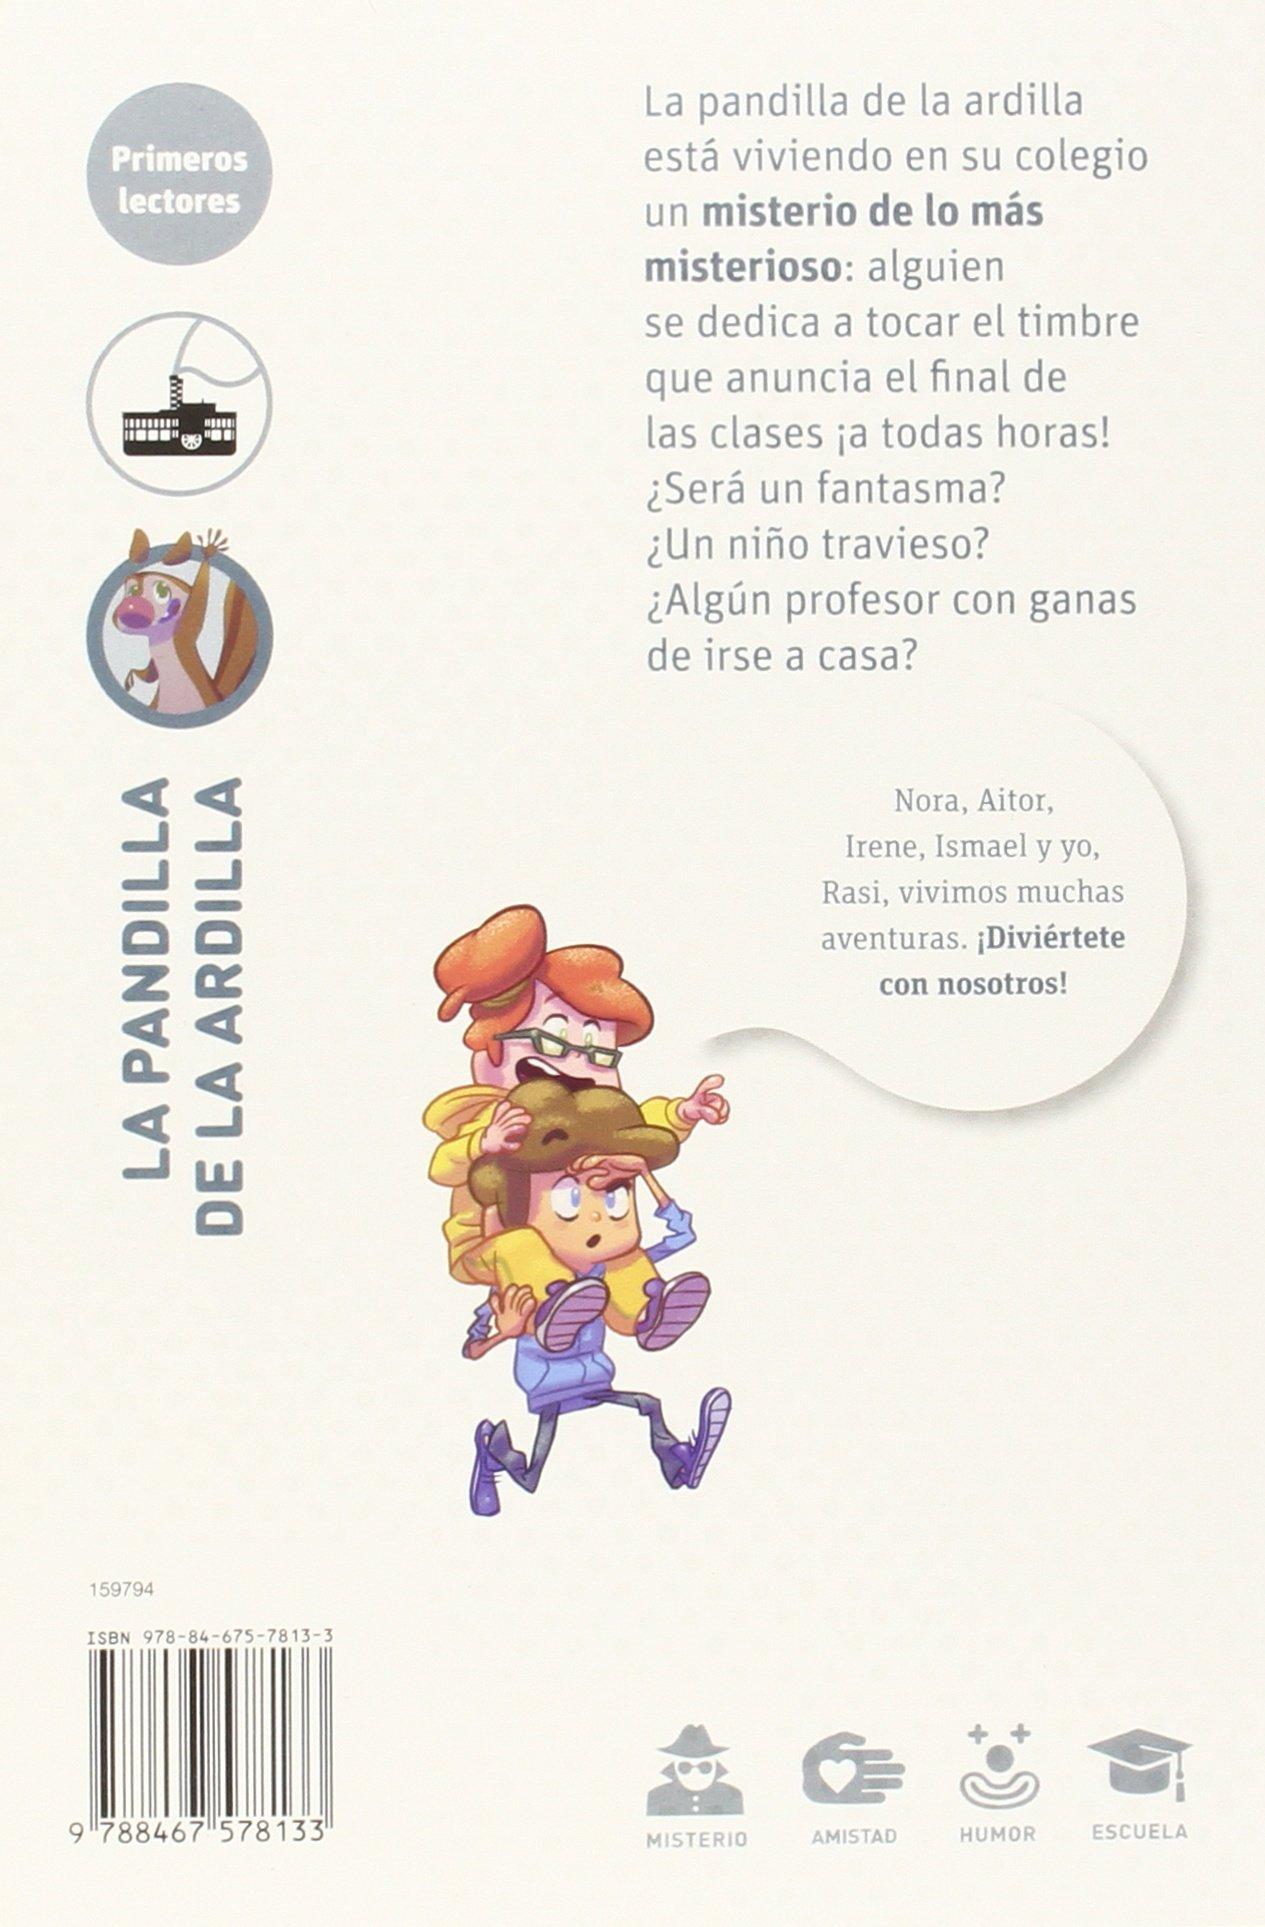 El misterio del timbre (El Barco de Vapor Blanca): Amazon.es: Begoña Oro Pradera, Dani Montero : Libros